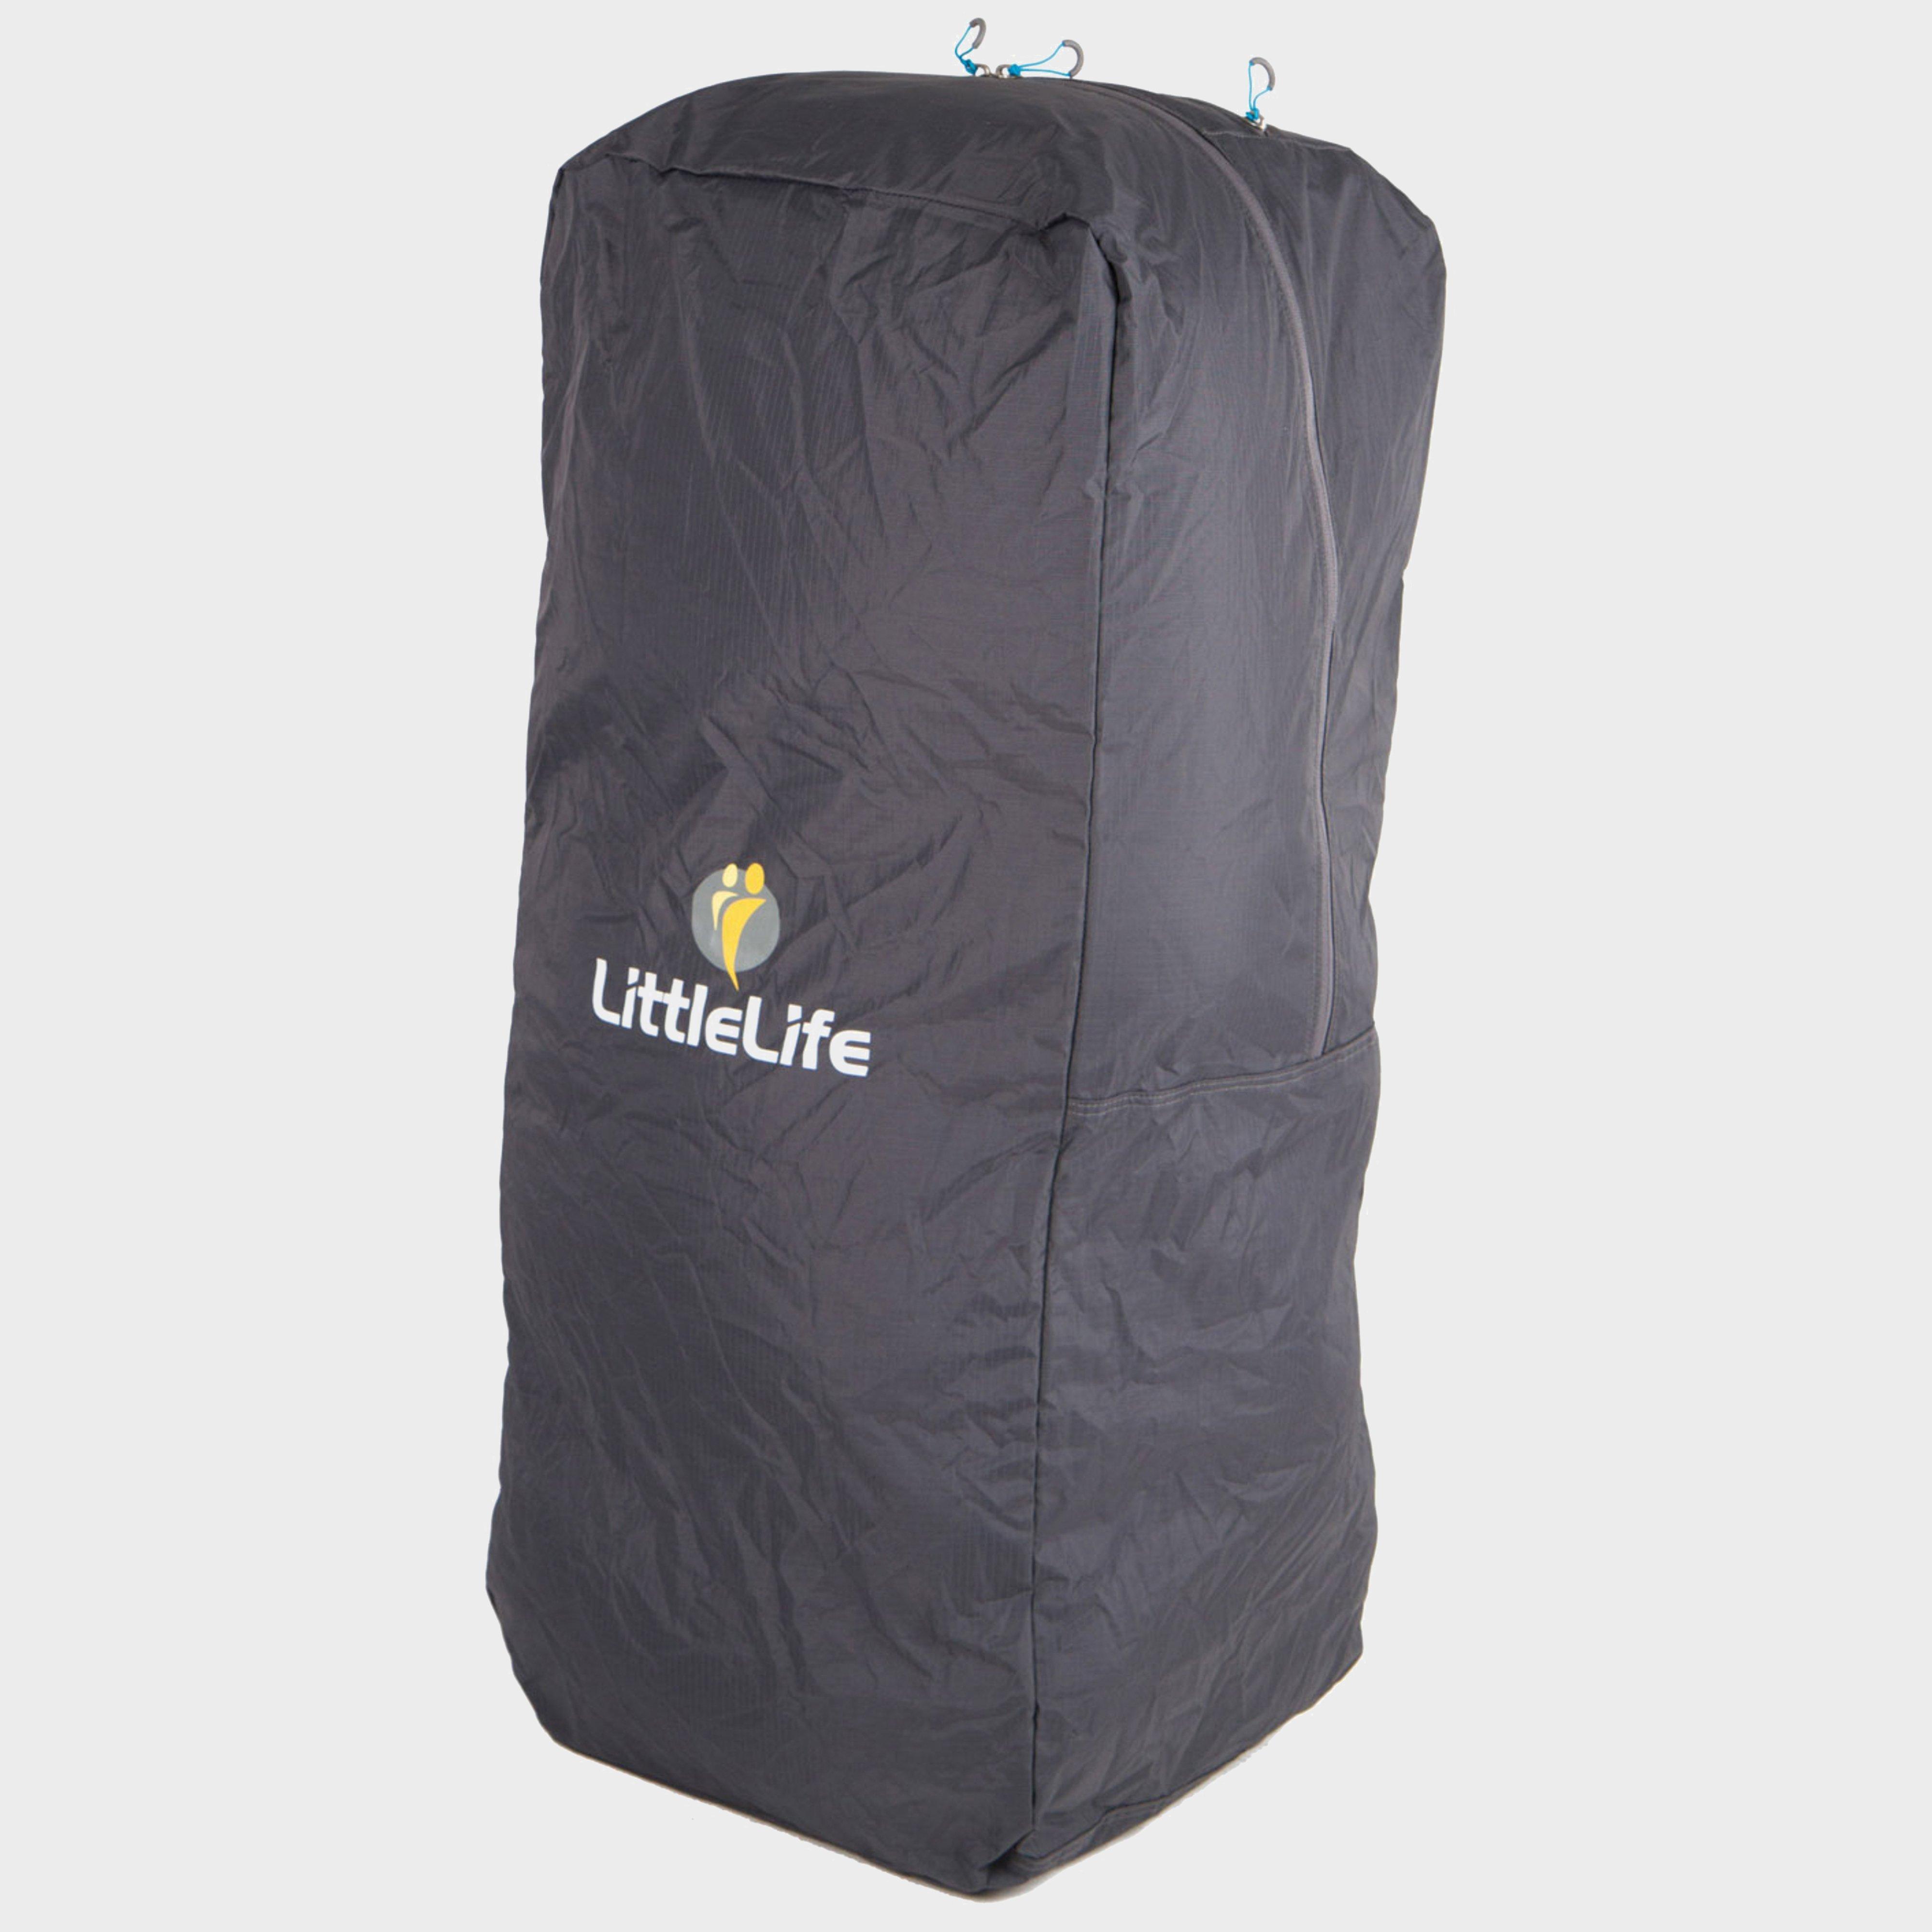 Littlelife Littlelife Child Carrier Transporter Bag - Black, Black